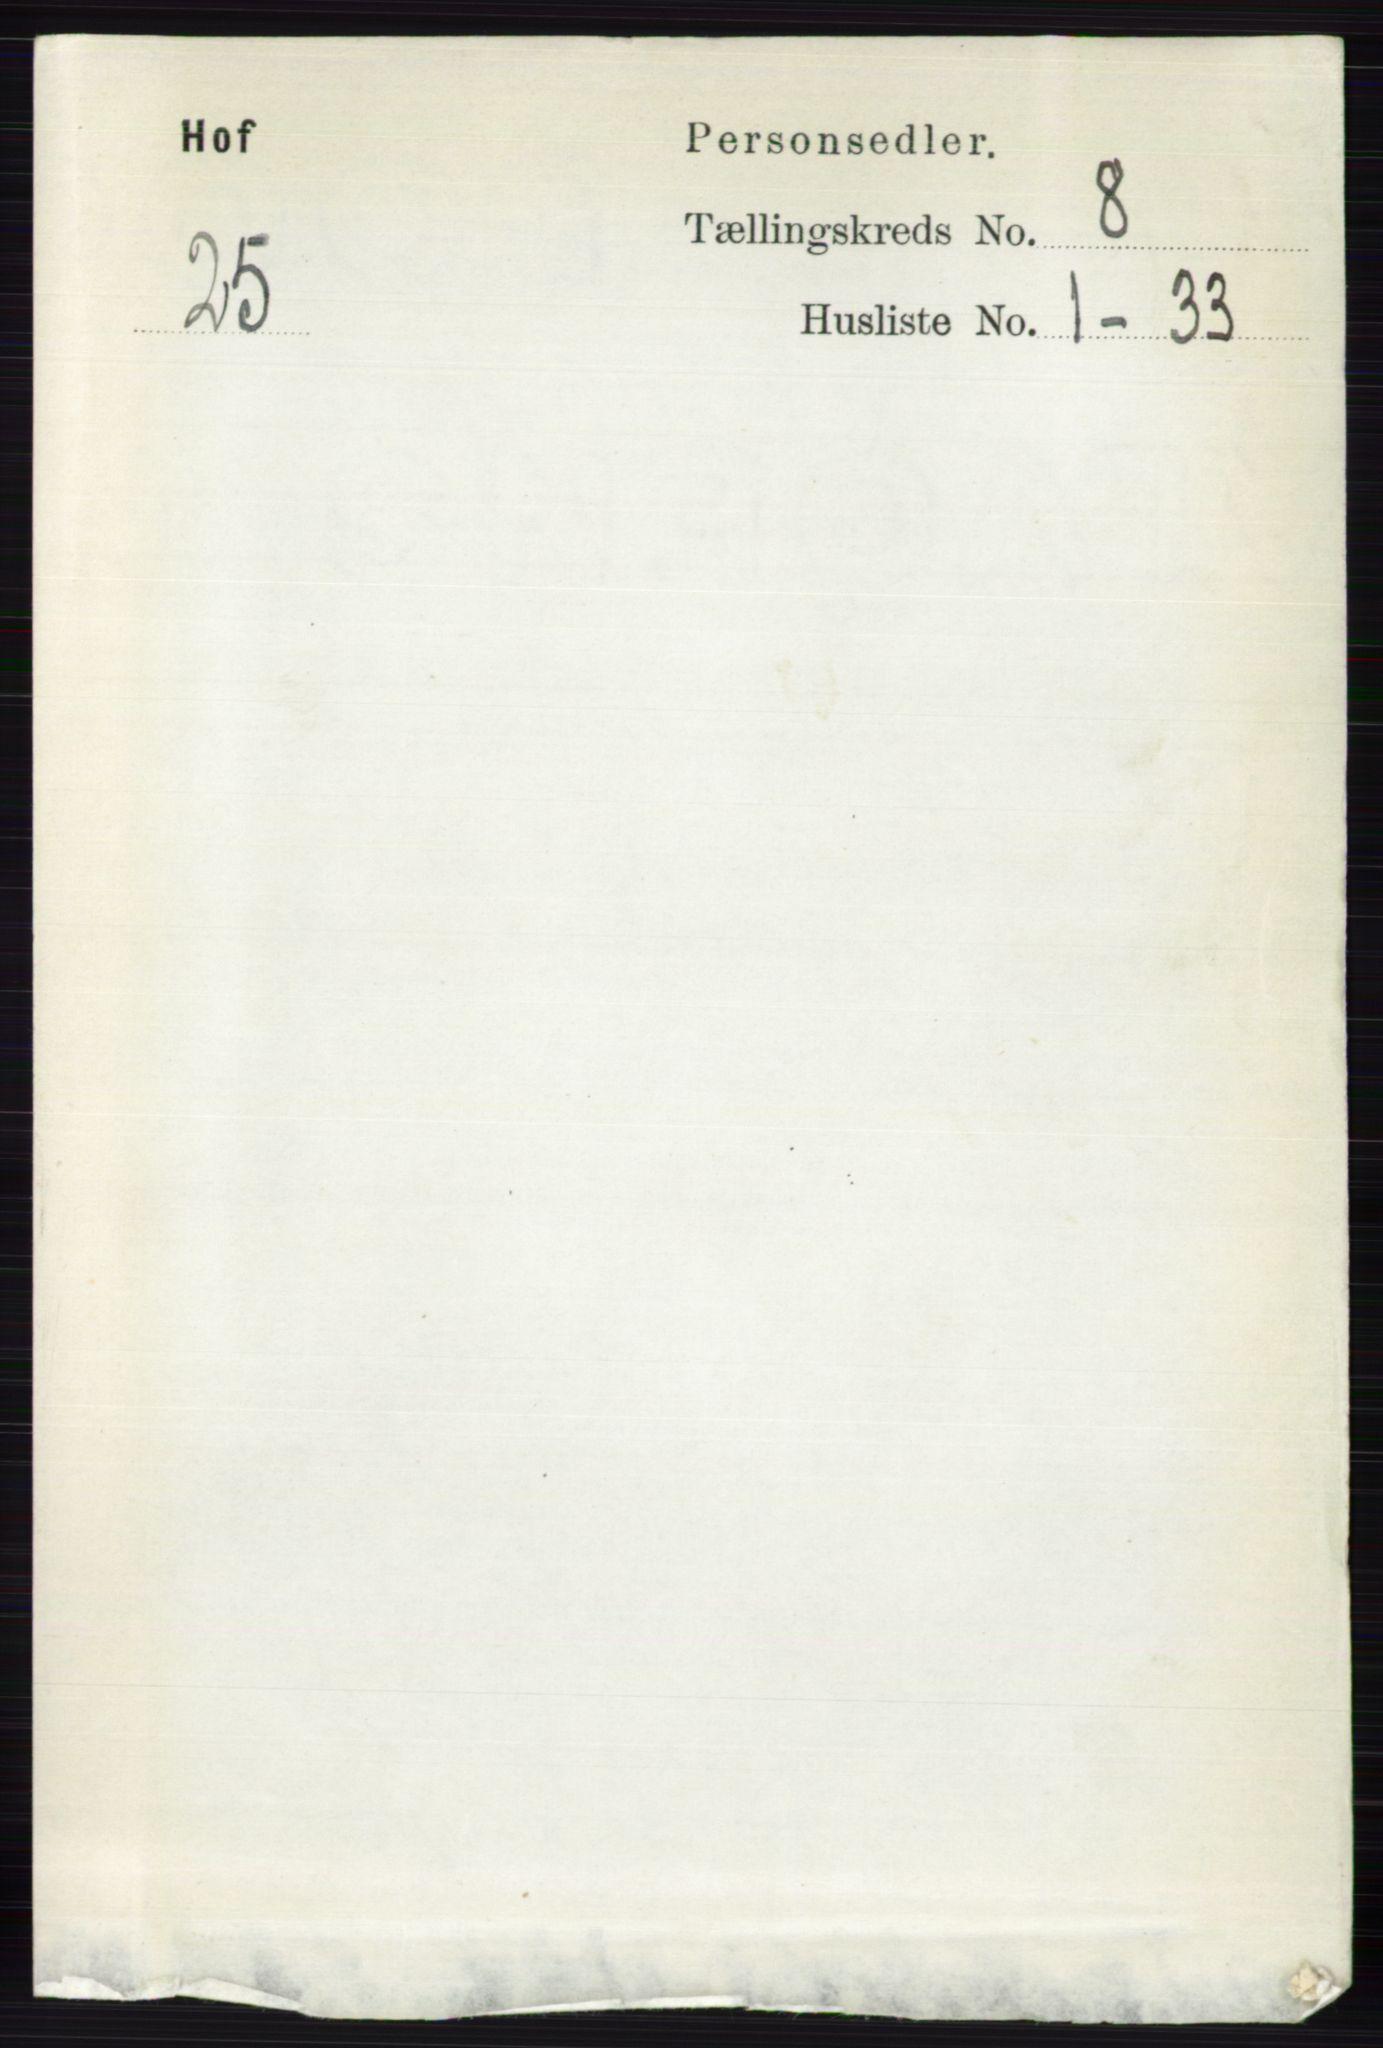 RA, Folketelling 1891 for 0424 Hof herred, 1891, s. 3210